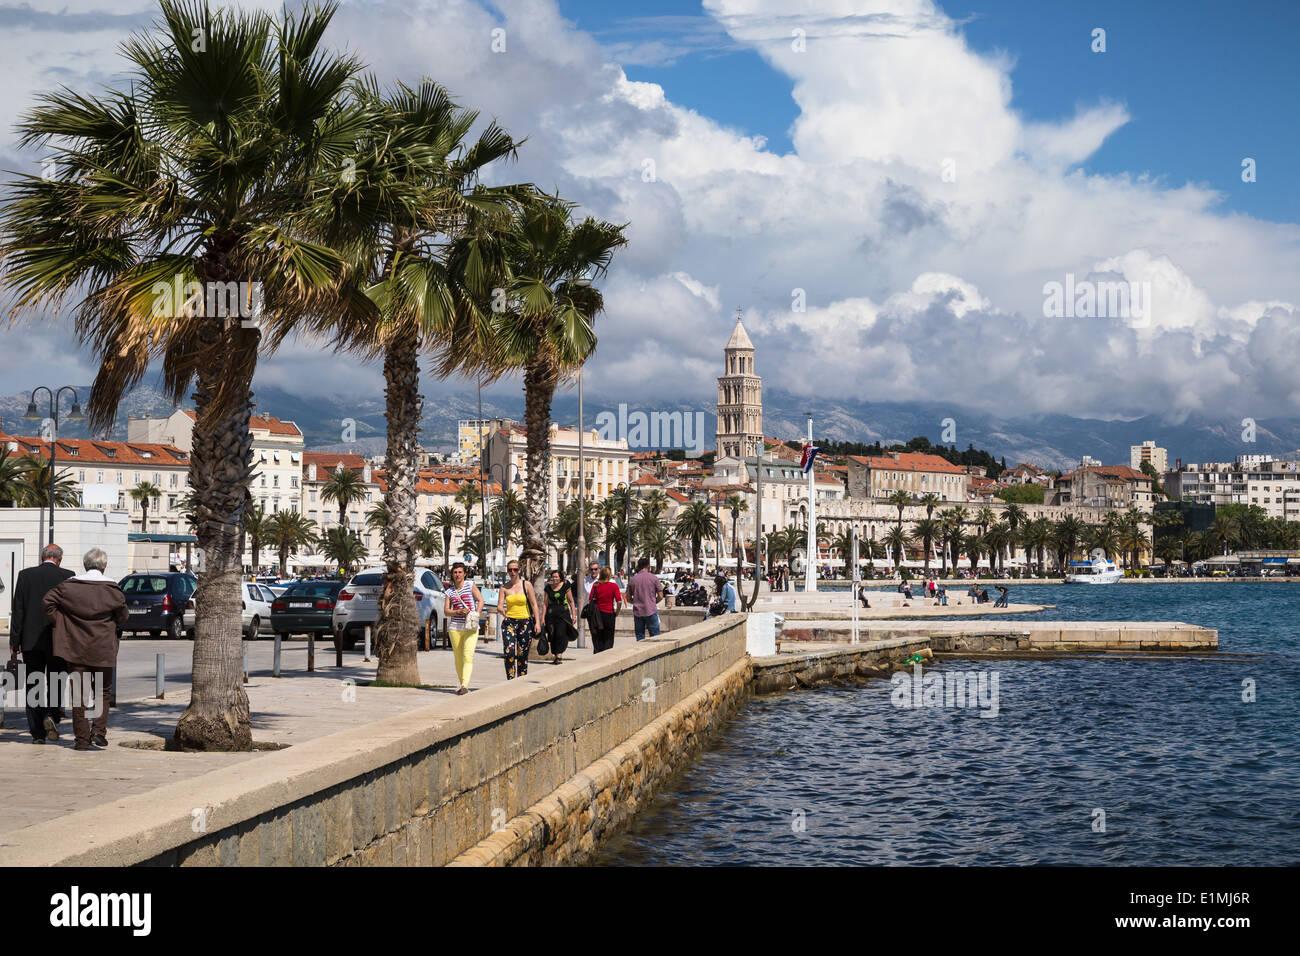 Vista de split riva en Croacia desde el mar en matejuska mostrando la torre de la catedral de san Domnio en el fondo Foto de stock